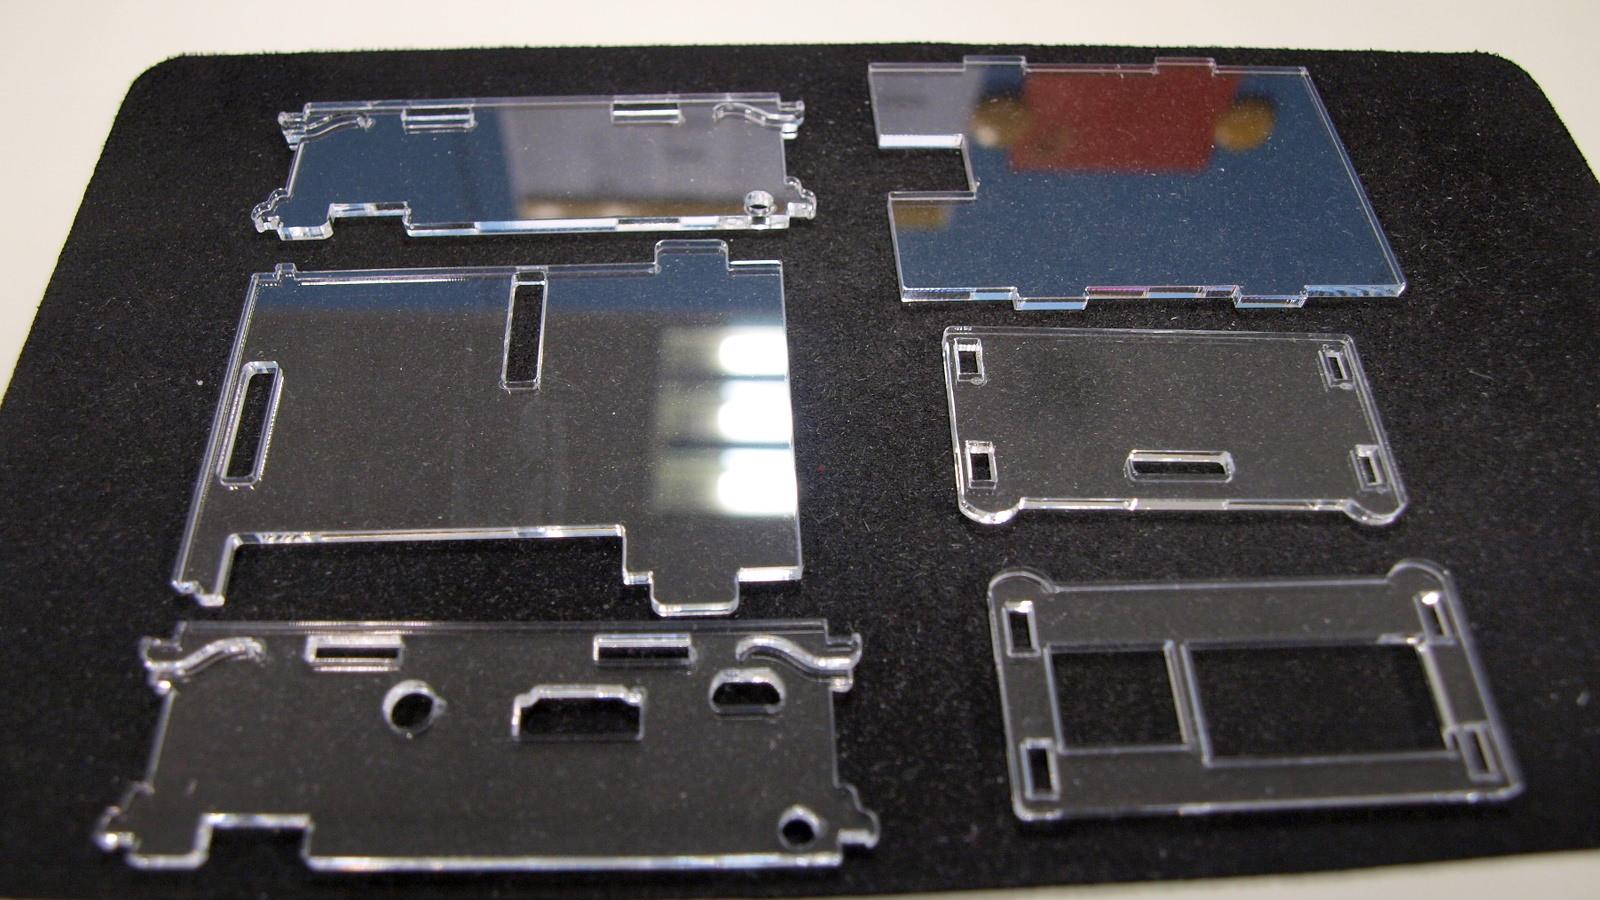 樹莓派 Raspberry Pi Rev. 2 Model B+ 壓克力外殼